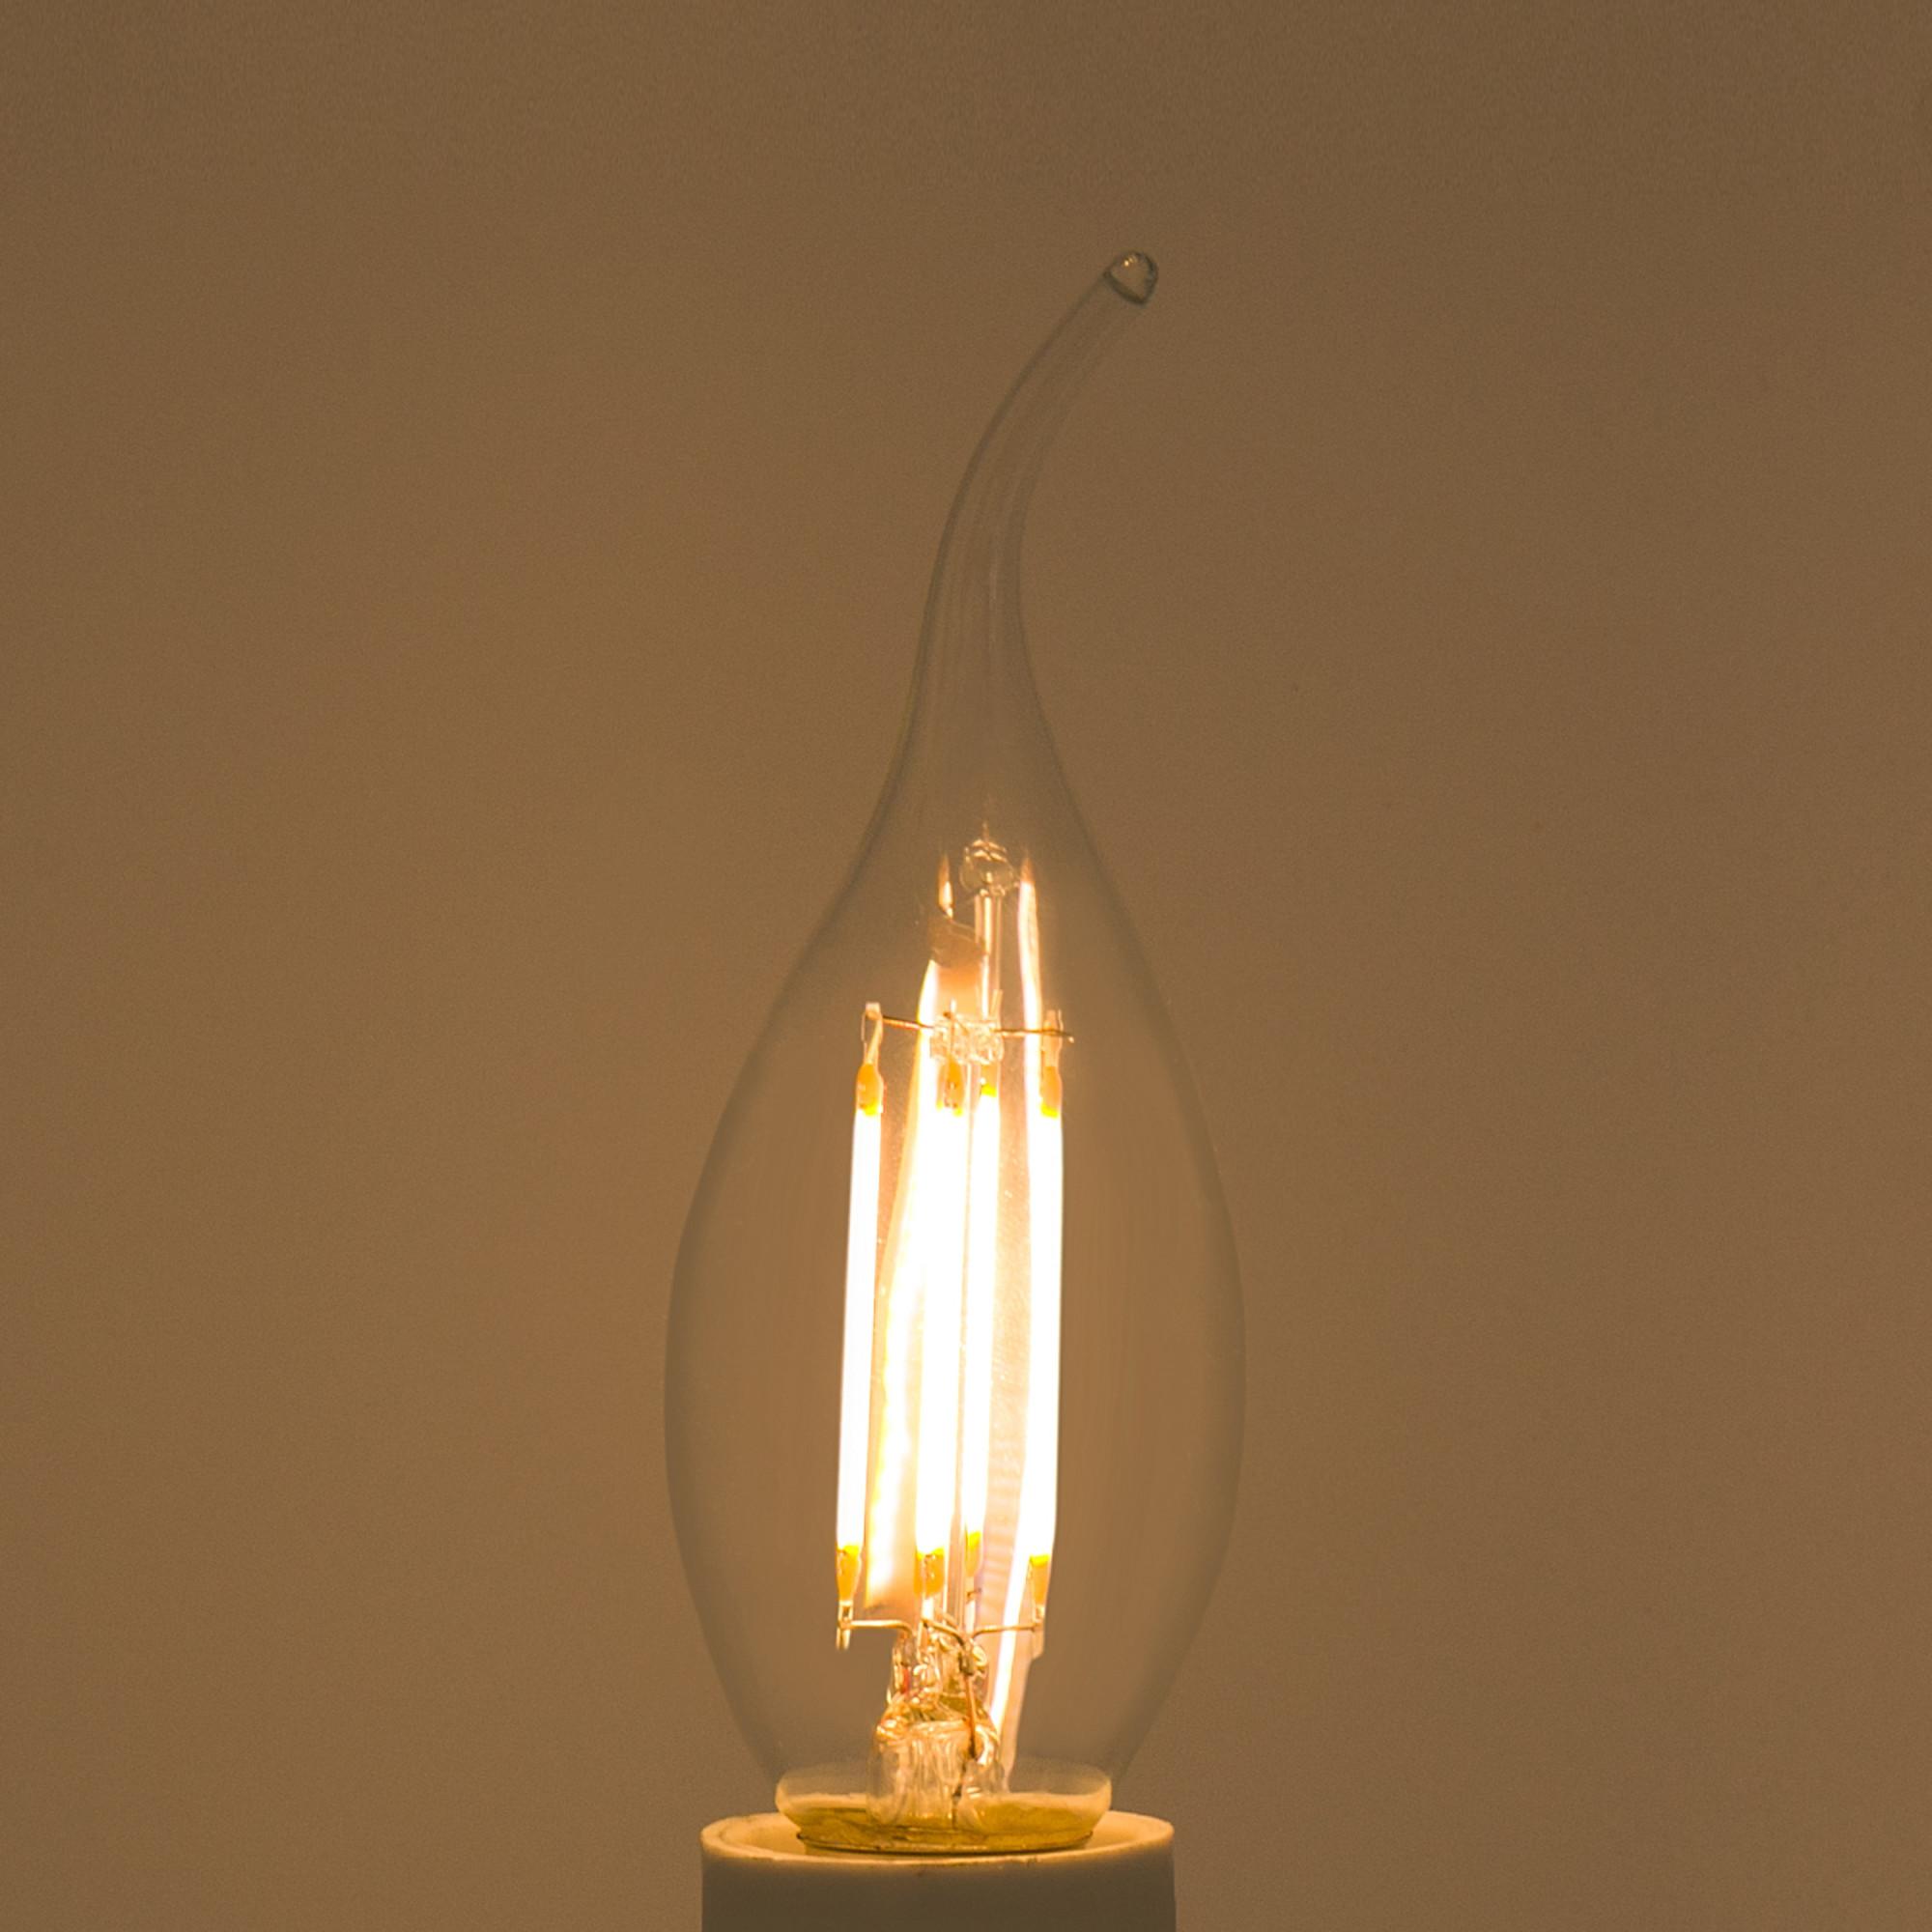 Лампа светодиодная Lexman «Свеча на ветру» E14 4.5 Вт 470 Лм свет тёплый белый прозрачная колба